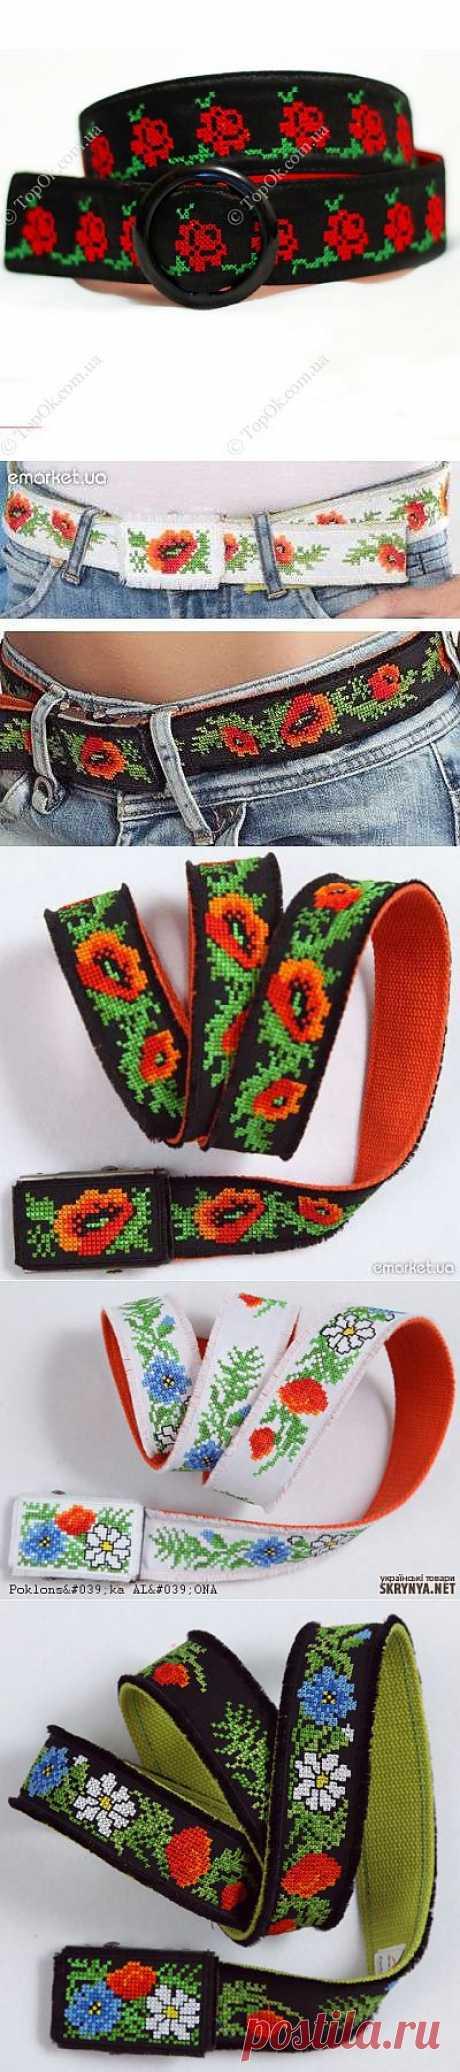 Украсить крестиком ремень / Ремни / Модный сайт о стильной переделке одежды и интерьера